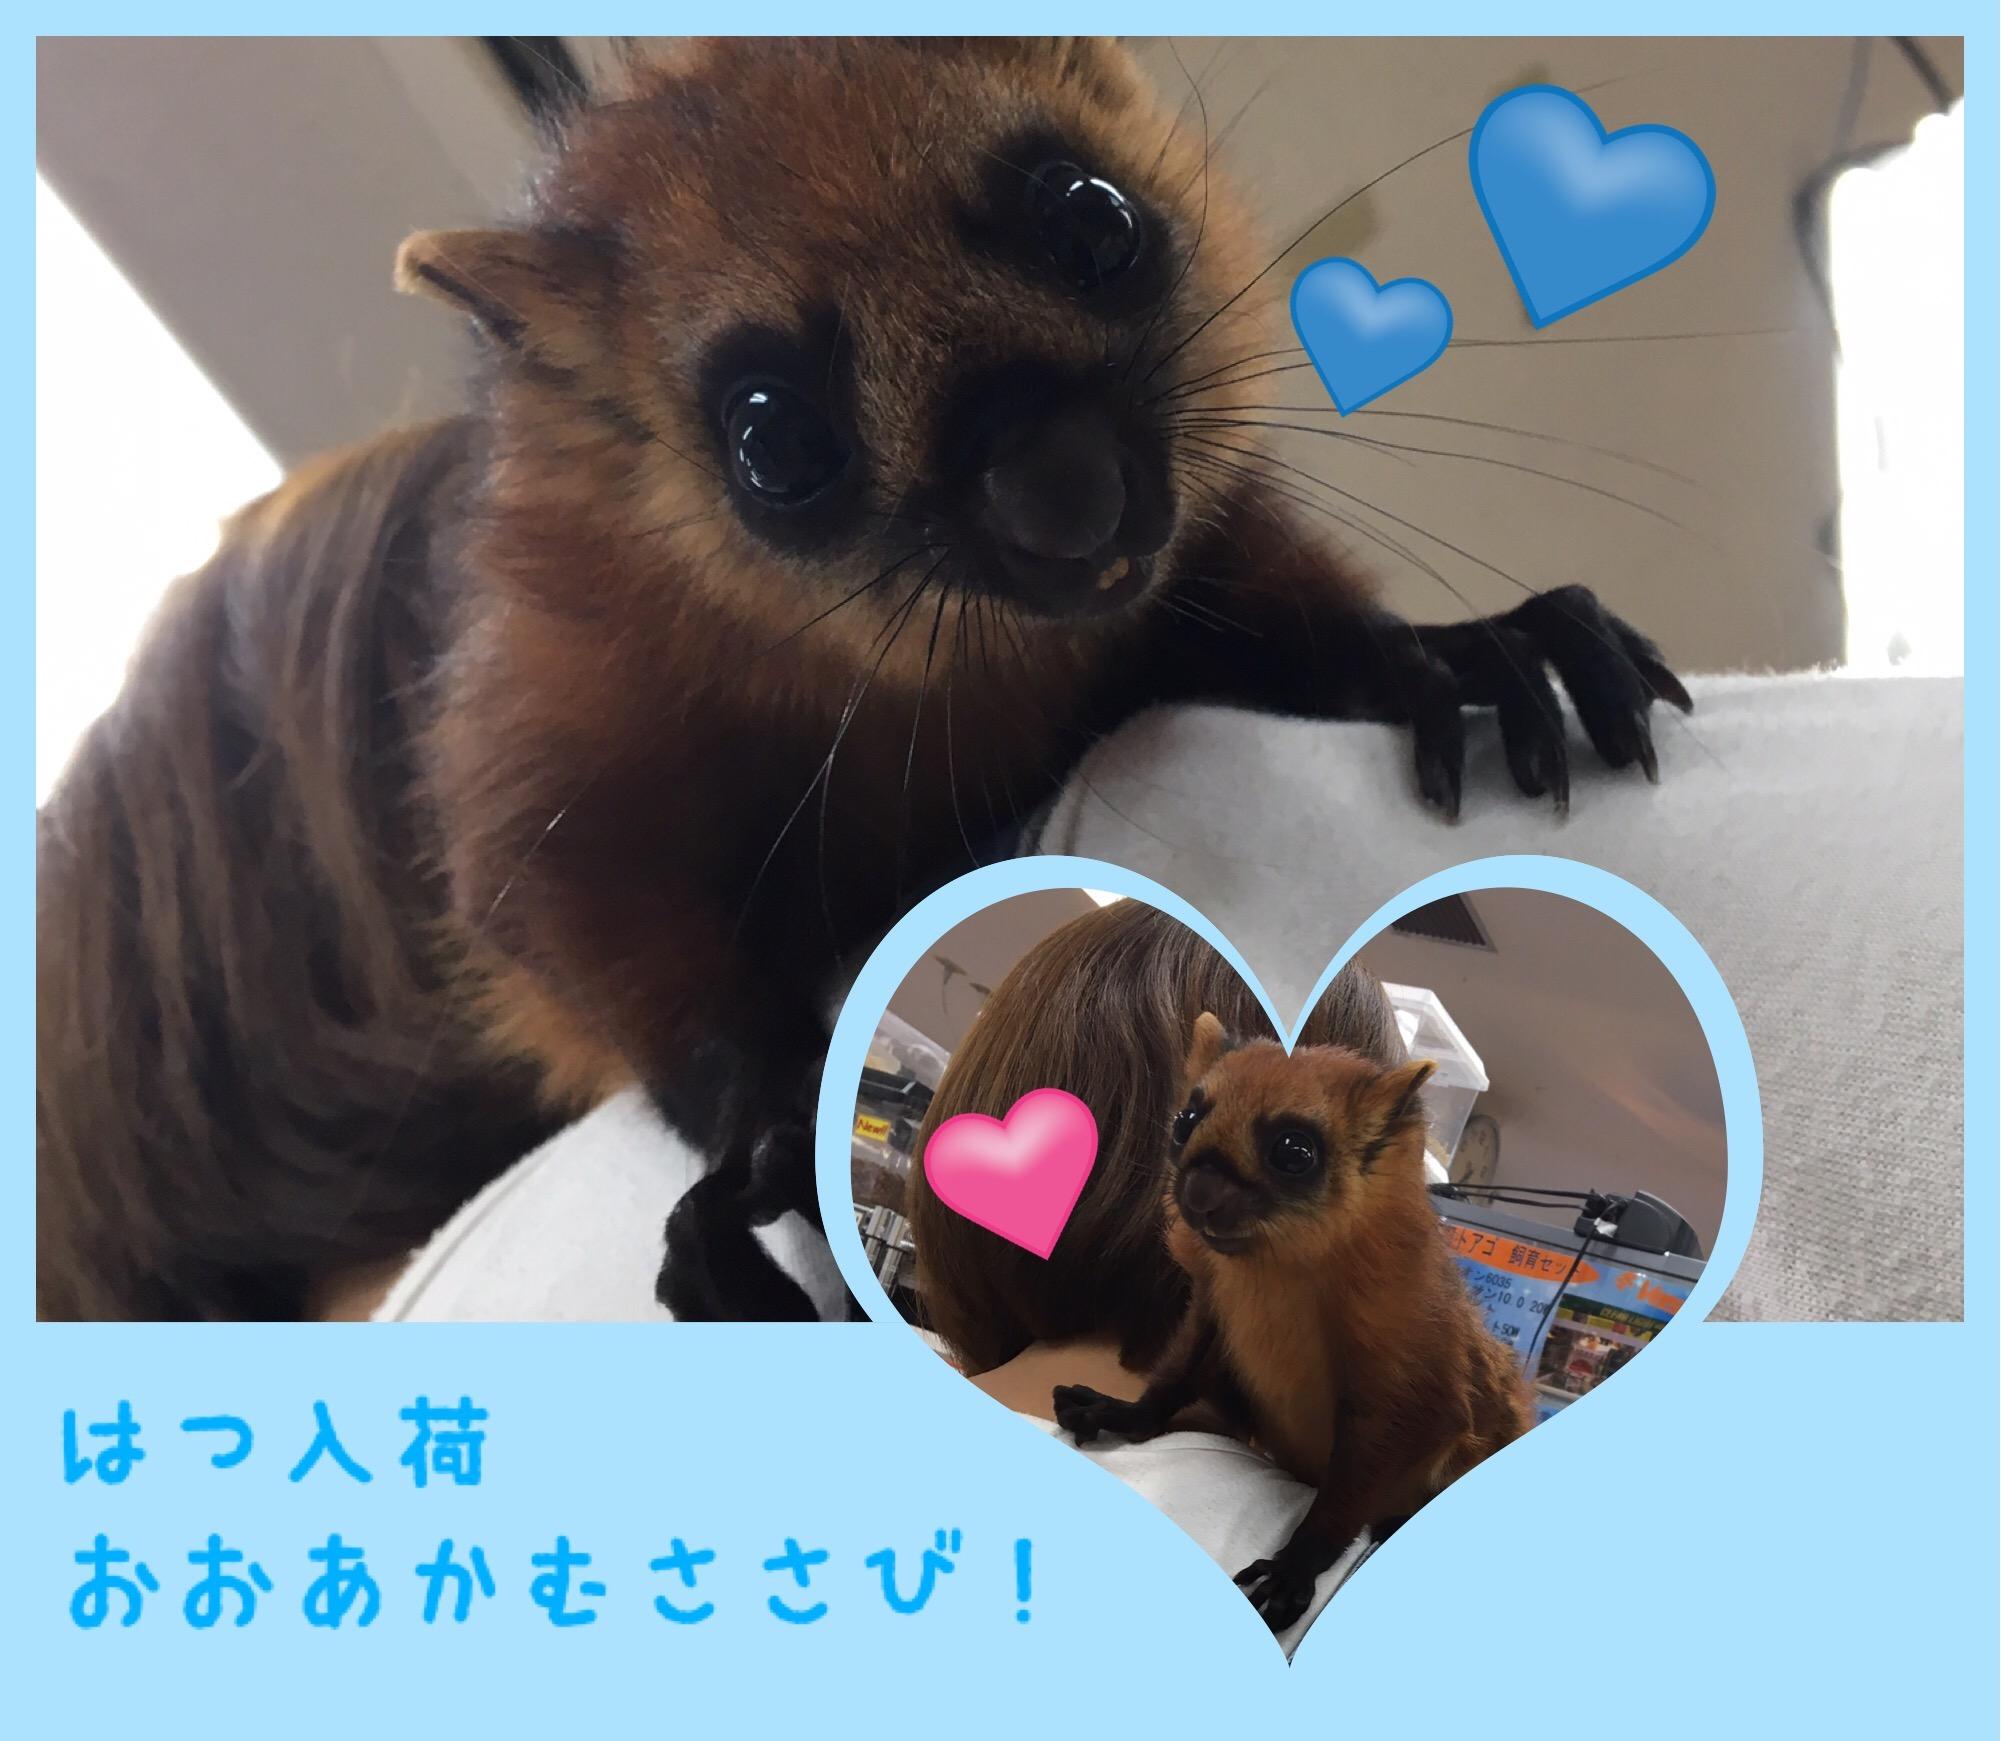 【インター小動物】おおお!?オオアカムササビ!!!